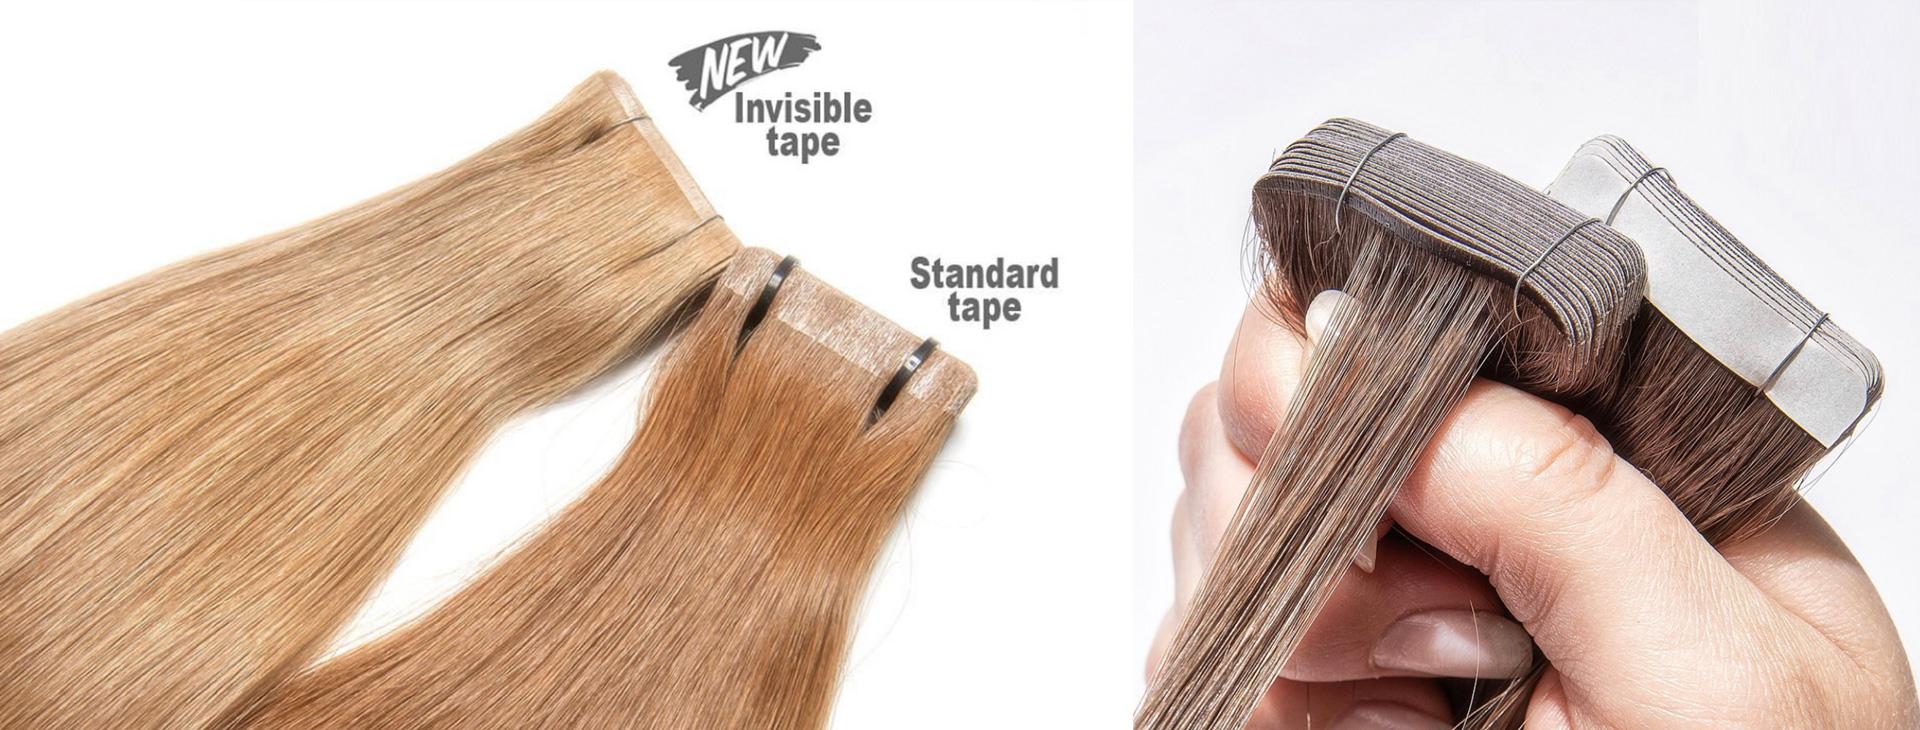 Slovanské vlasy - pasky invisible 2